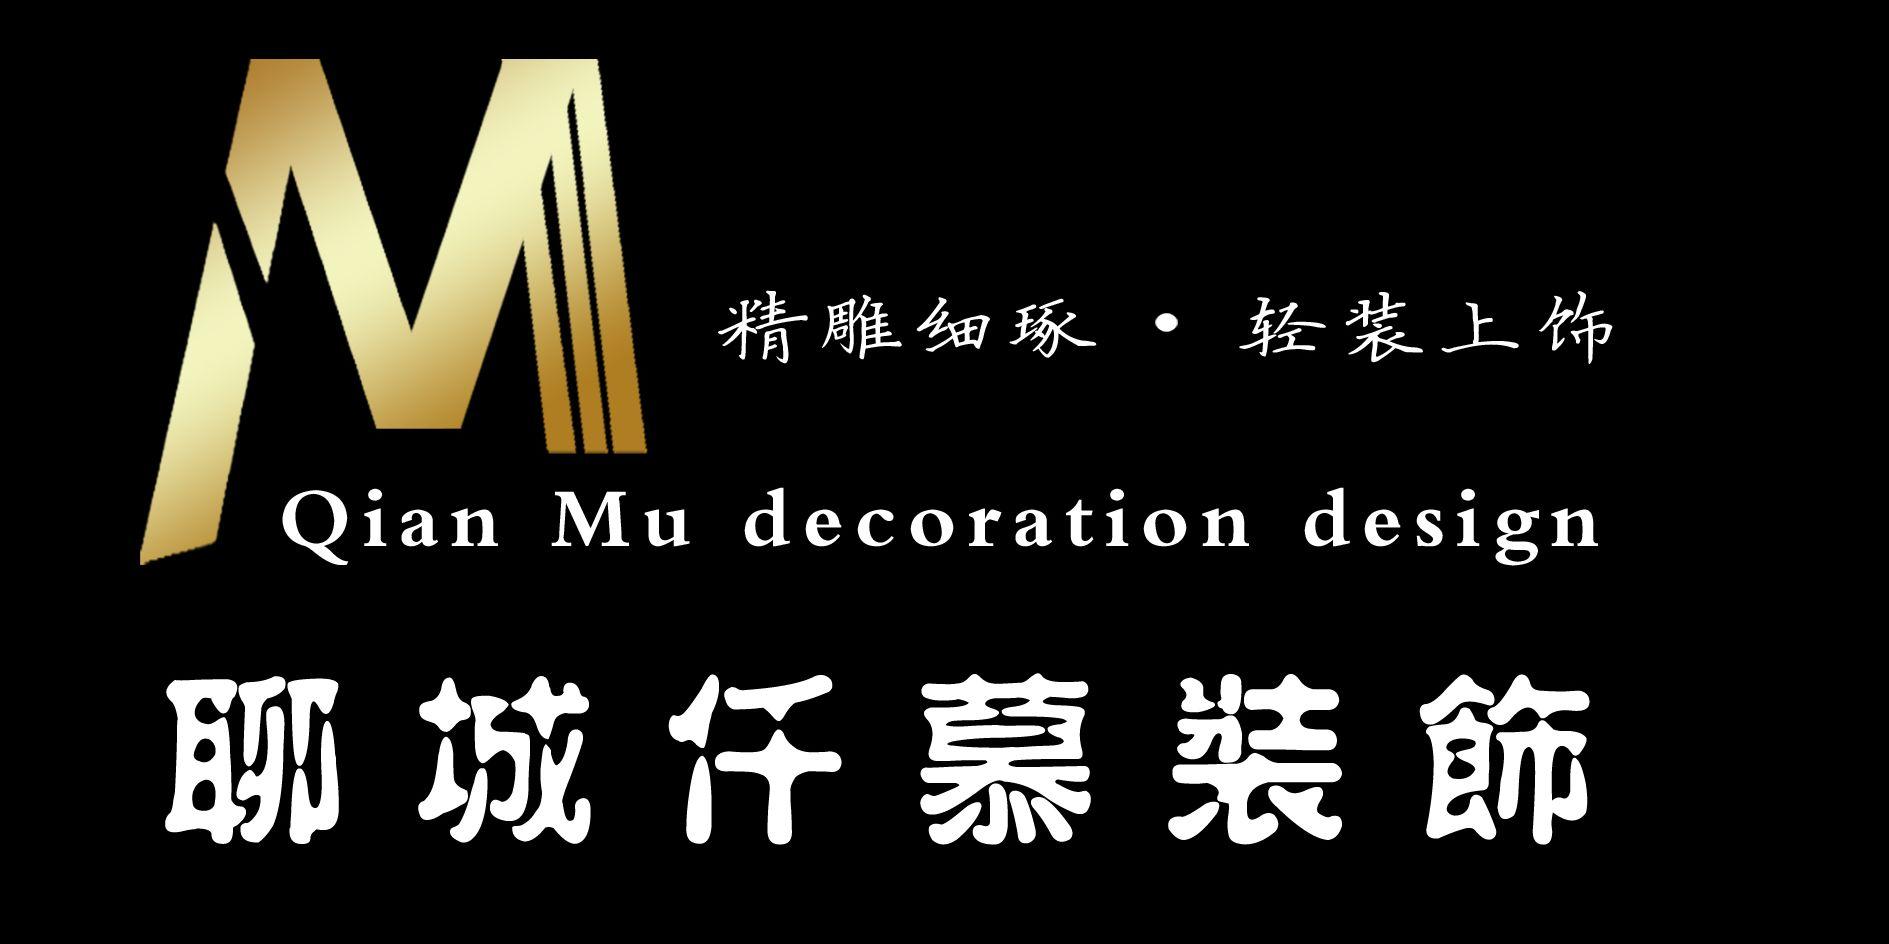 聊城仟慕装饰设计有限公司